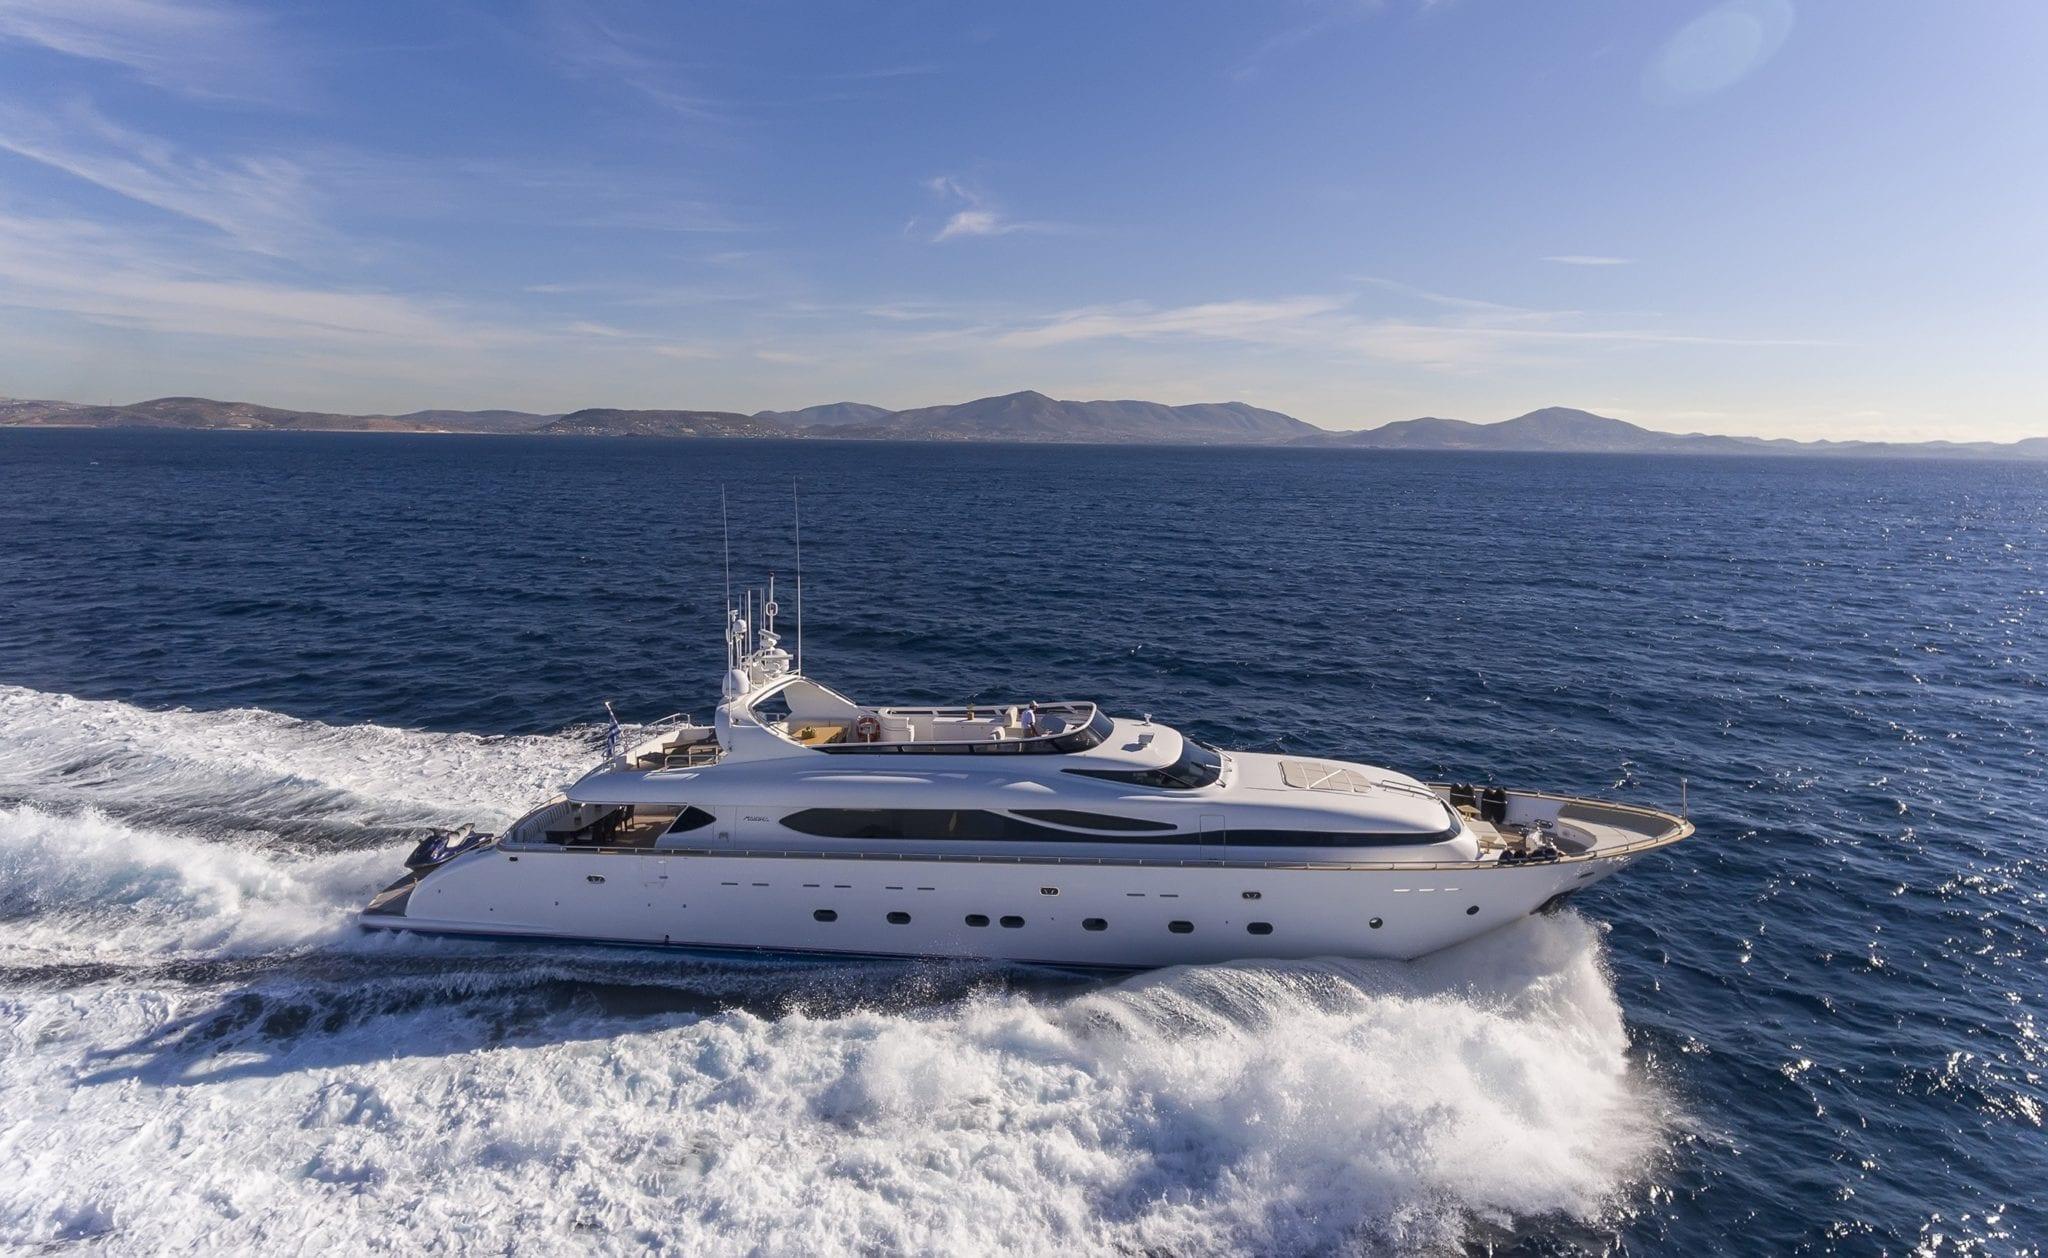 paris a motor yacht prodile min -  Valef Yachts Chartering - 4752